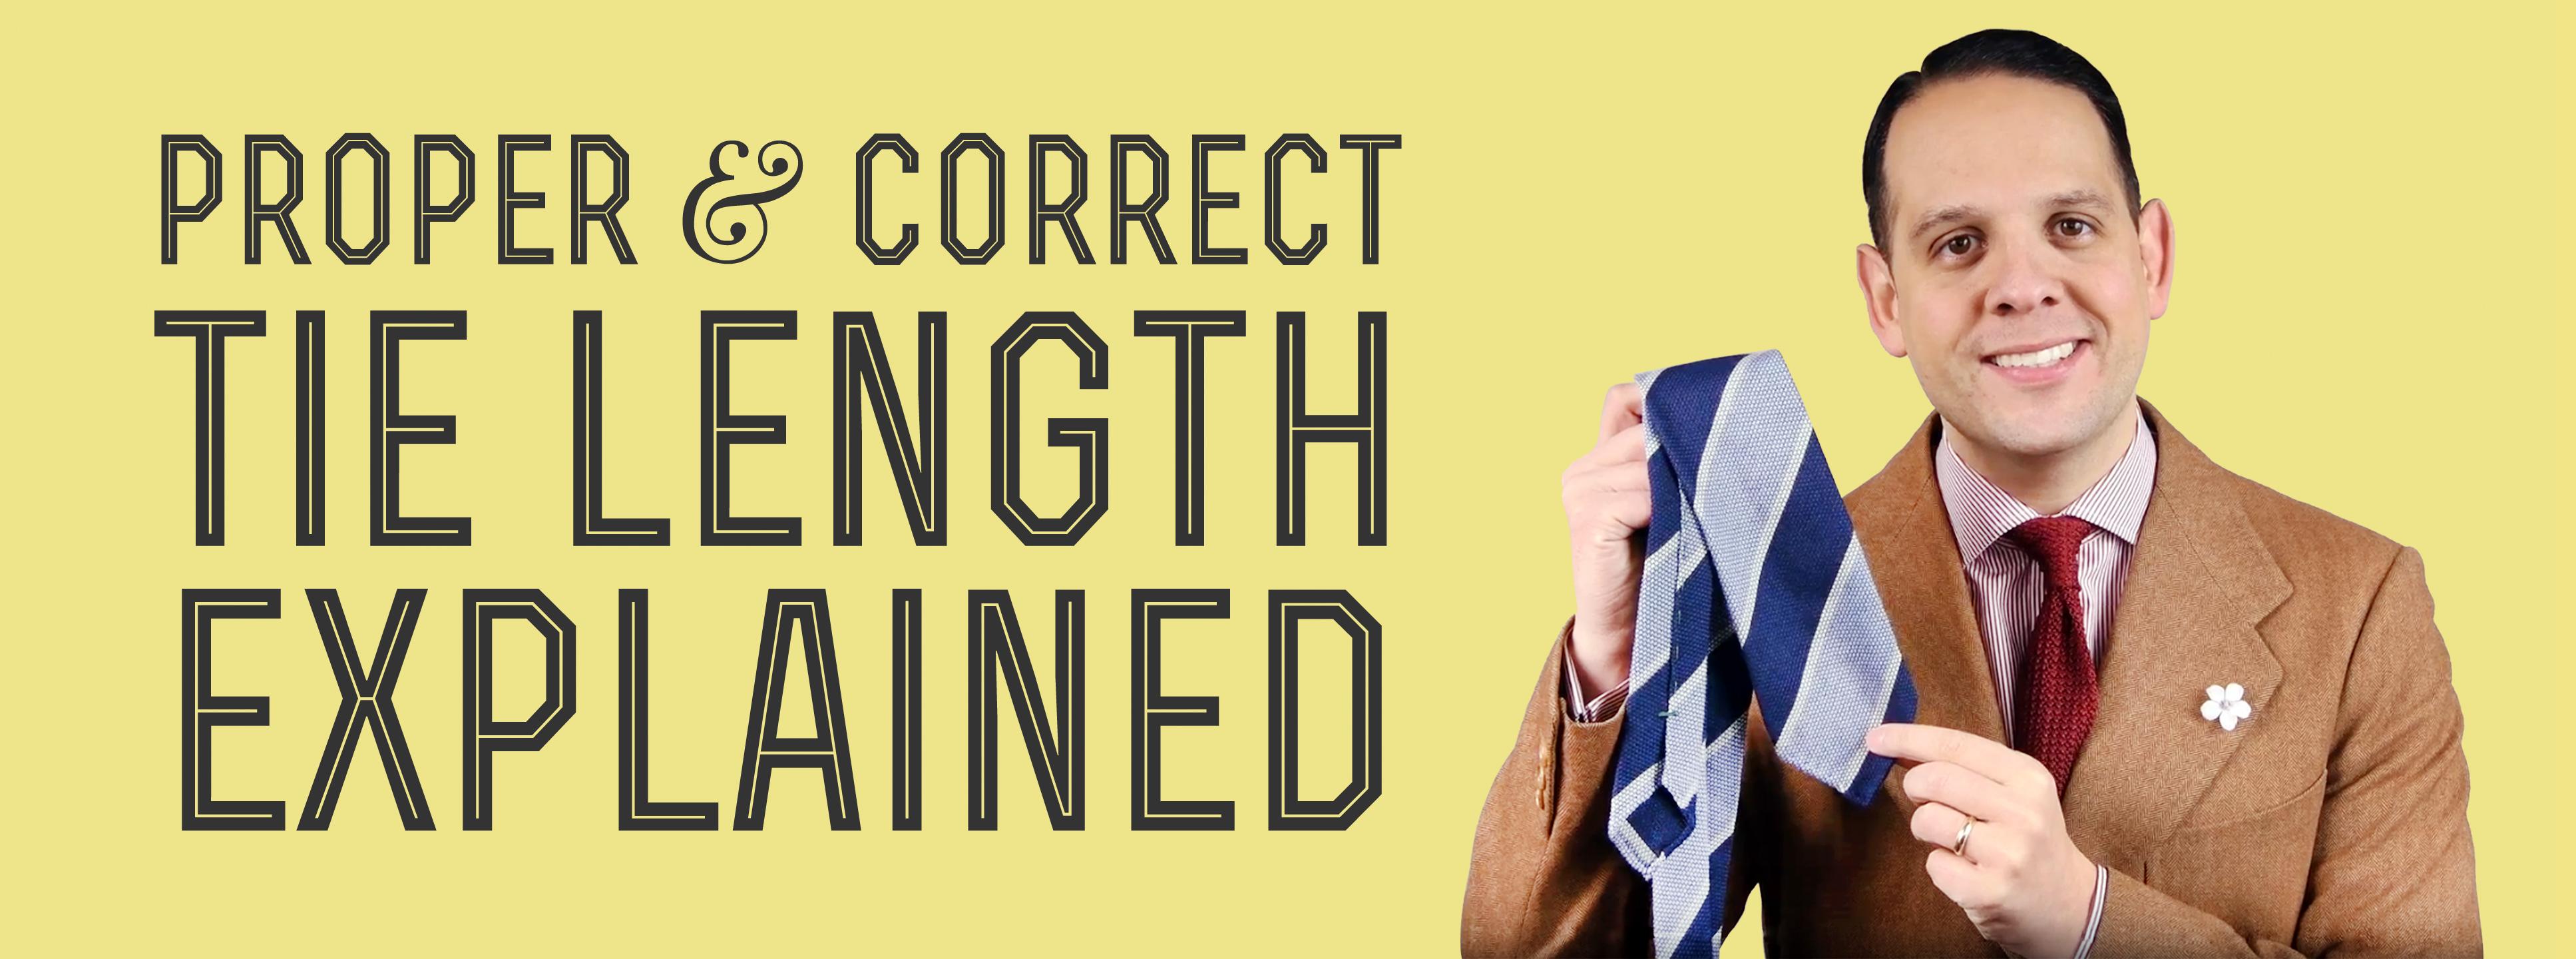 8ed35c2f5c38 Proper & Correct Tie Length Explained — Gentleman's Gazette